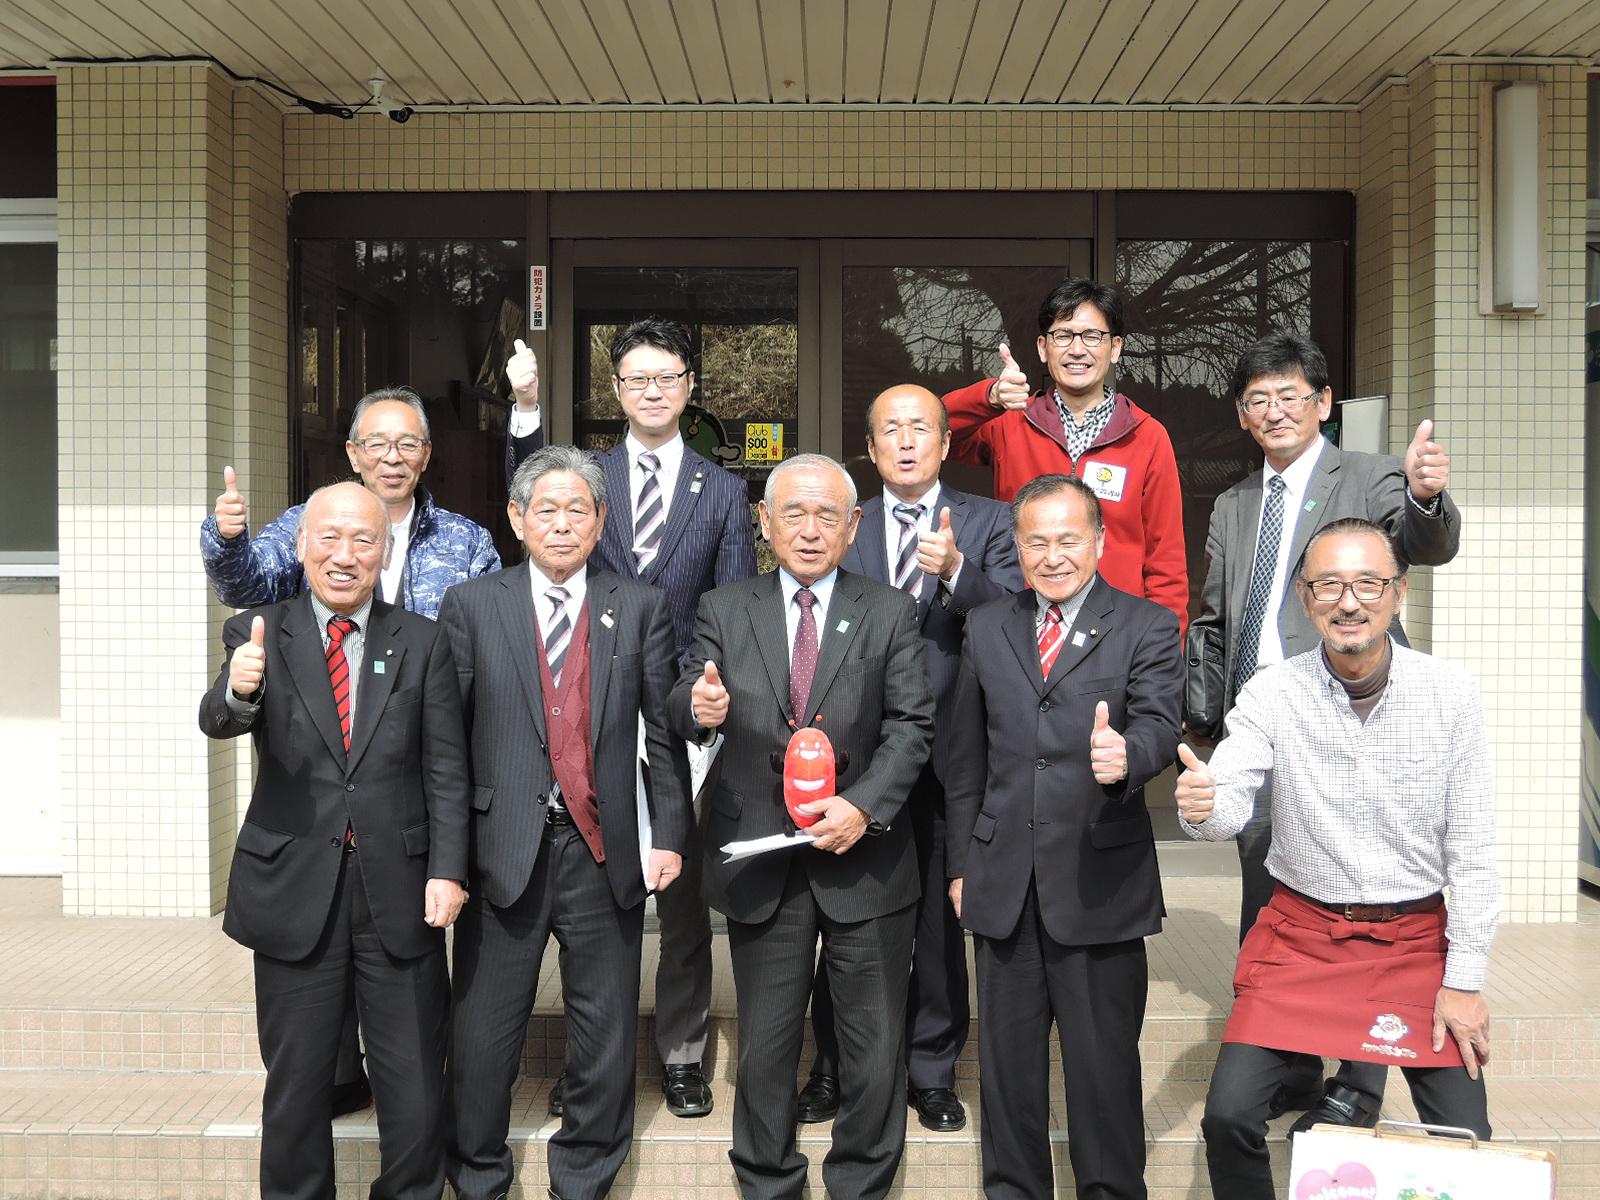 熊谷市議会の皆様が視察にいらっしゃいました(*´ω`)